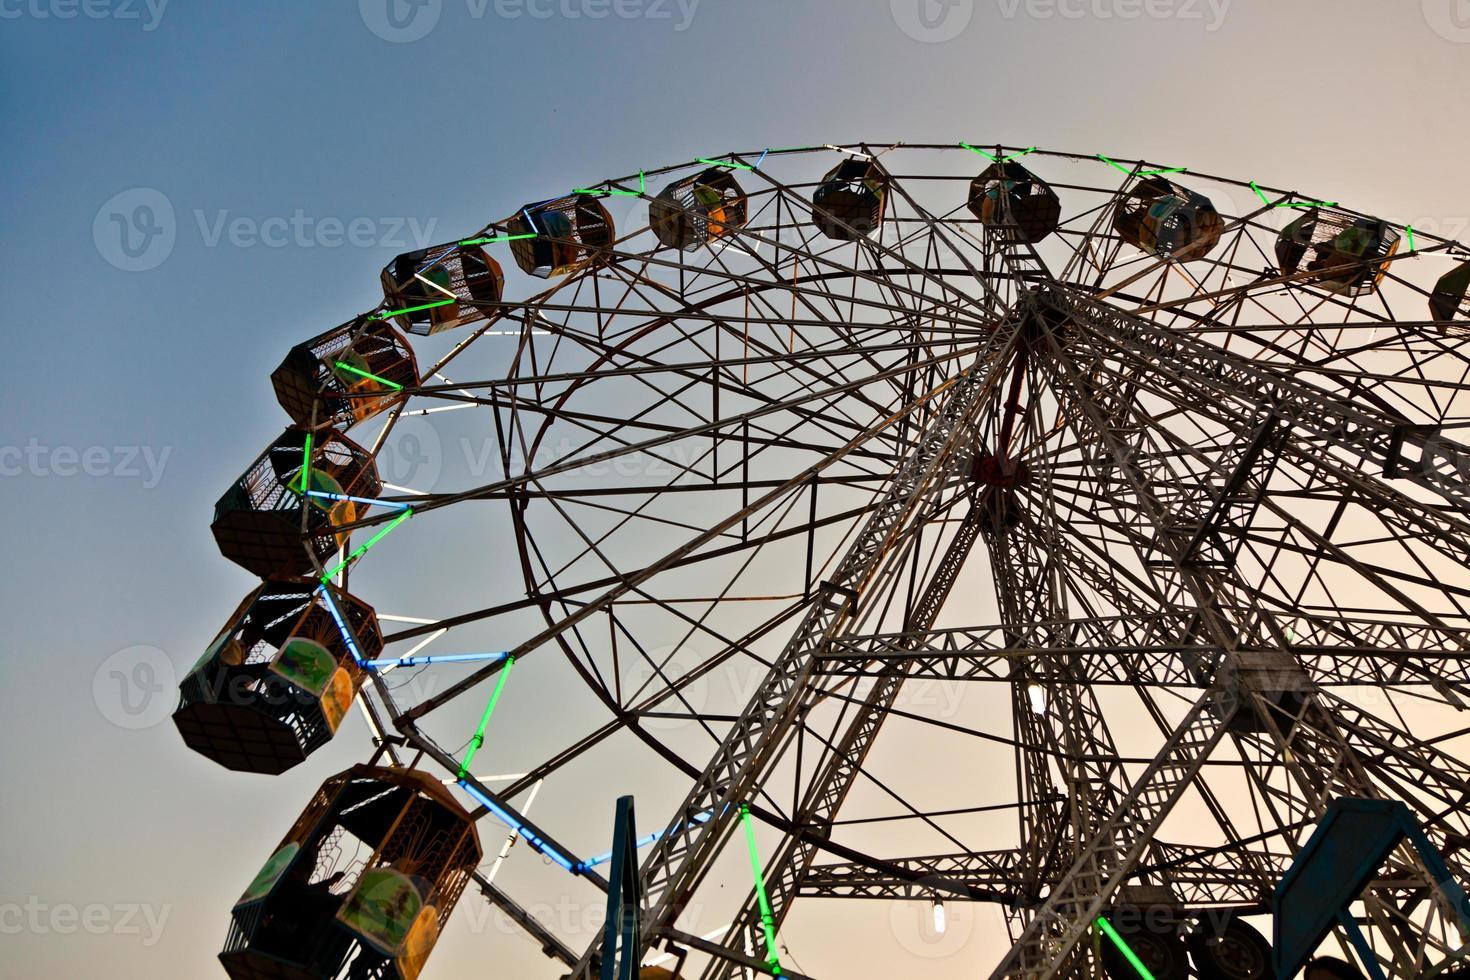 mensen genieten van het reuzenrad in het pretpark foto